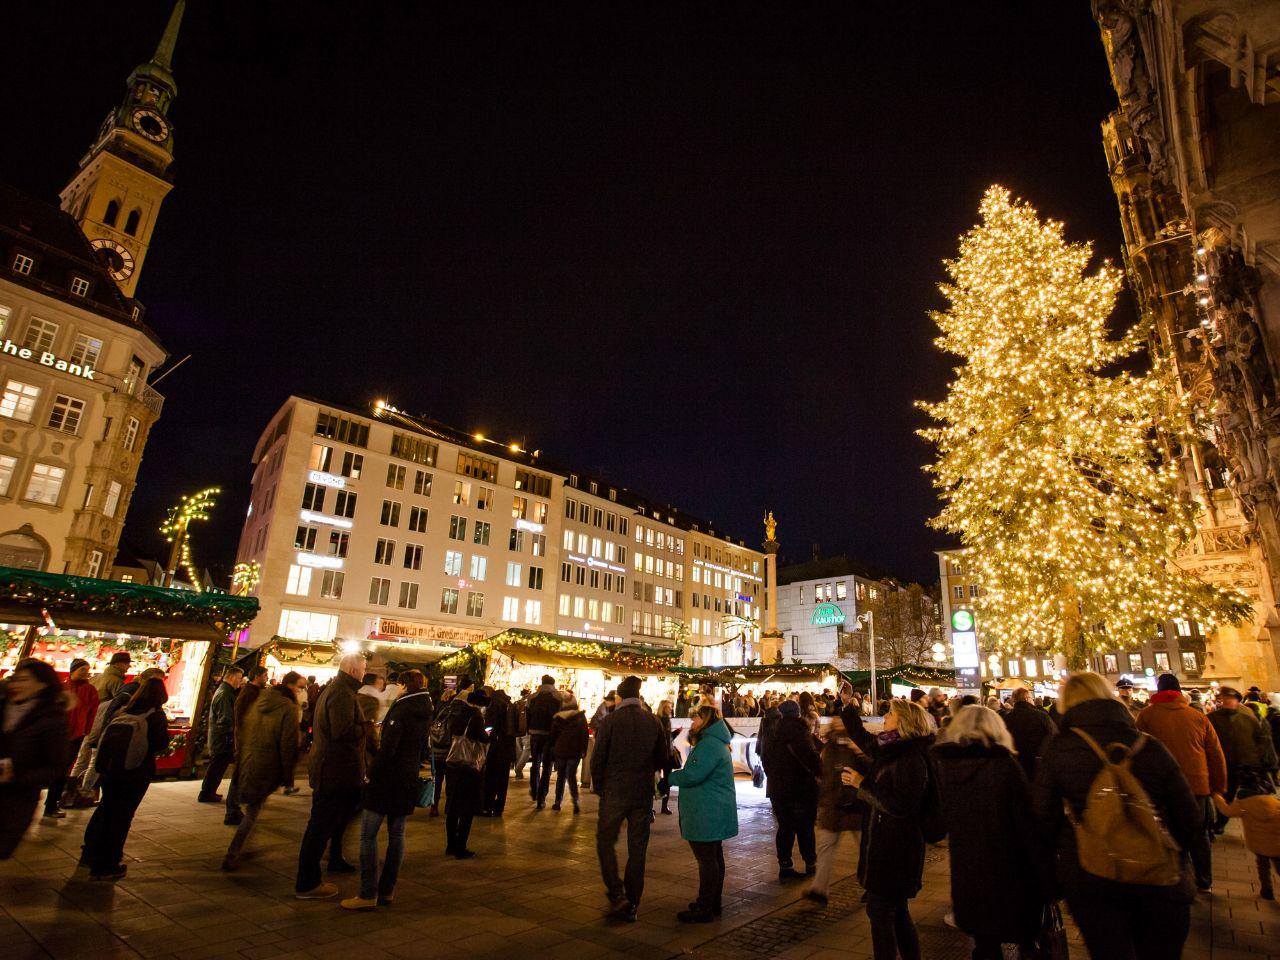 Weihnachtsmarkt Kalender 2019.Münchner Christkindlmarkt Rund Um Den Marienplatz Das Offizielle